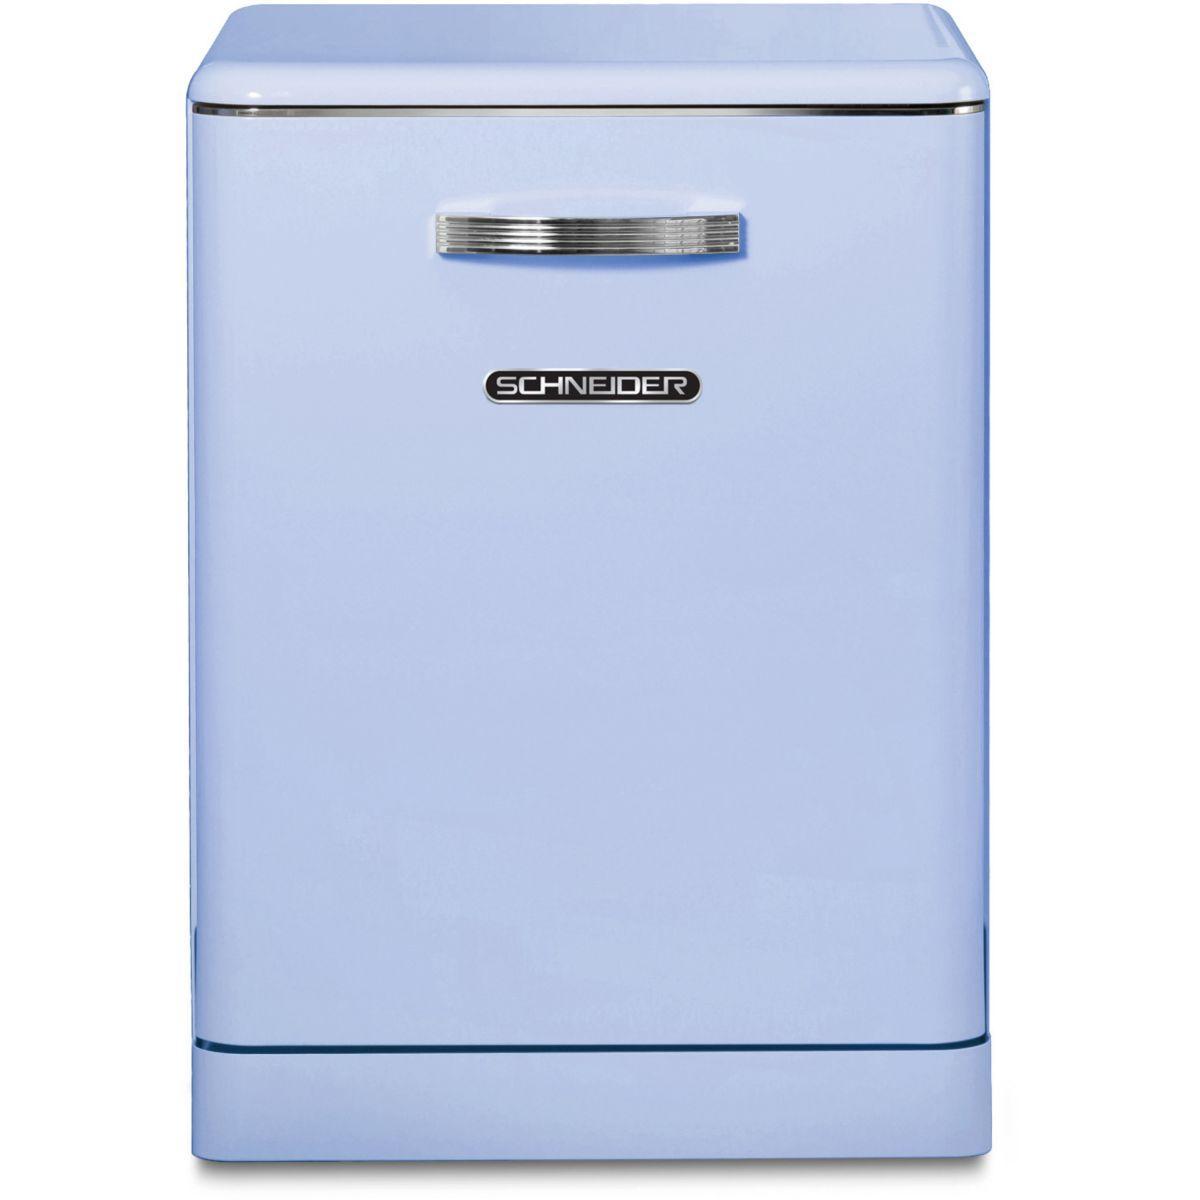 Lave vaisselle 60 cm schneider sdw1444vbl vintage bleu - 15% de remise imm�diate avec le code : gam15 (photo)